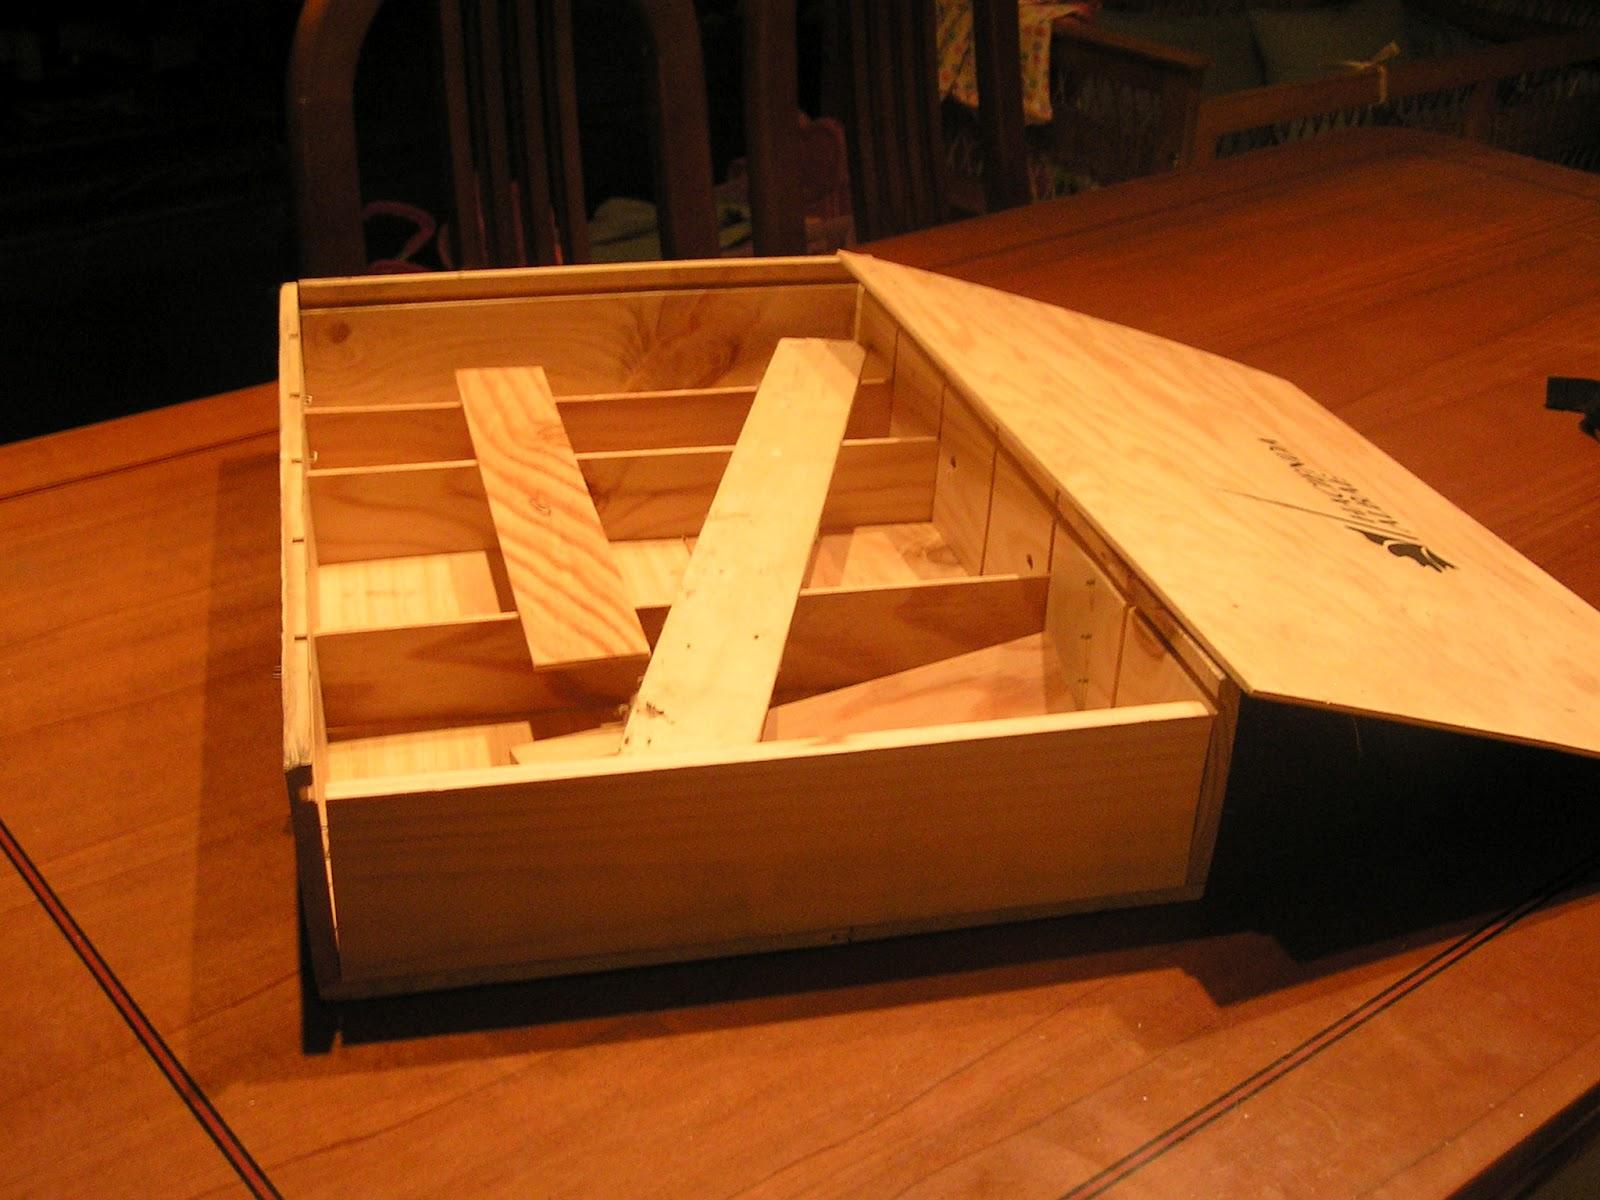 Hacer Un Baño A Nuevo:De Nuevo Nuevo: De como hacer de una caja de vino un práctico